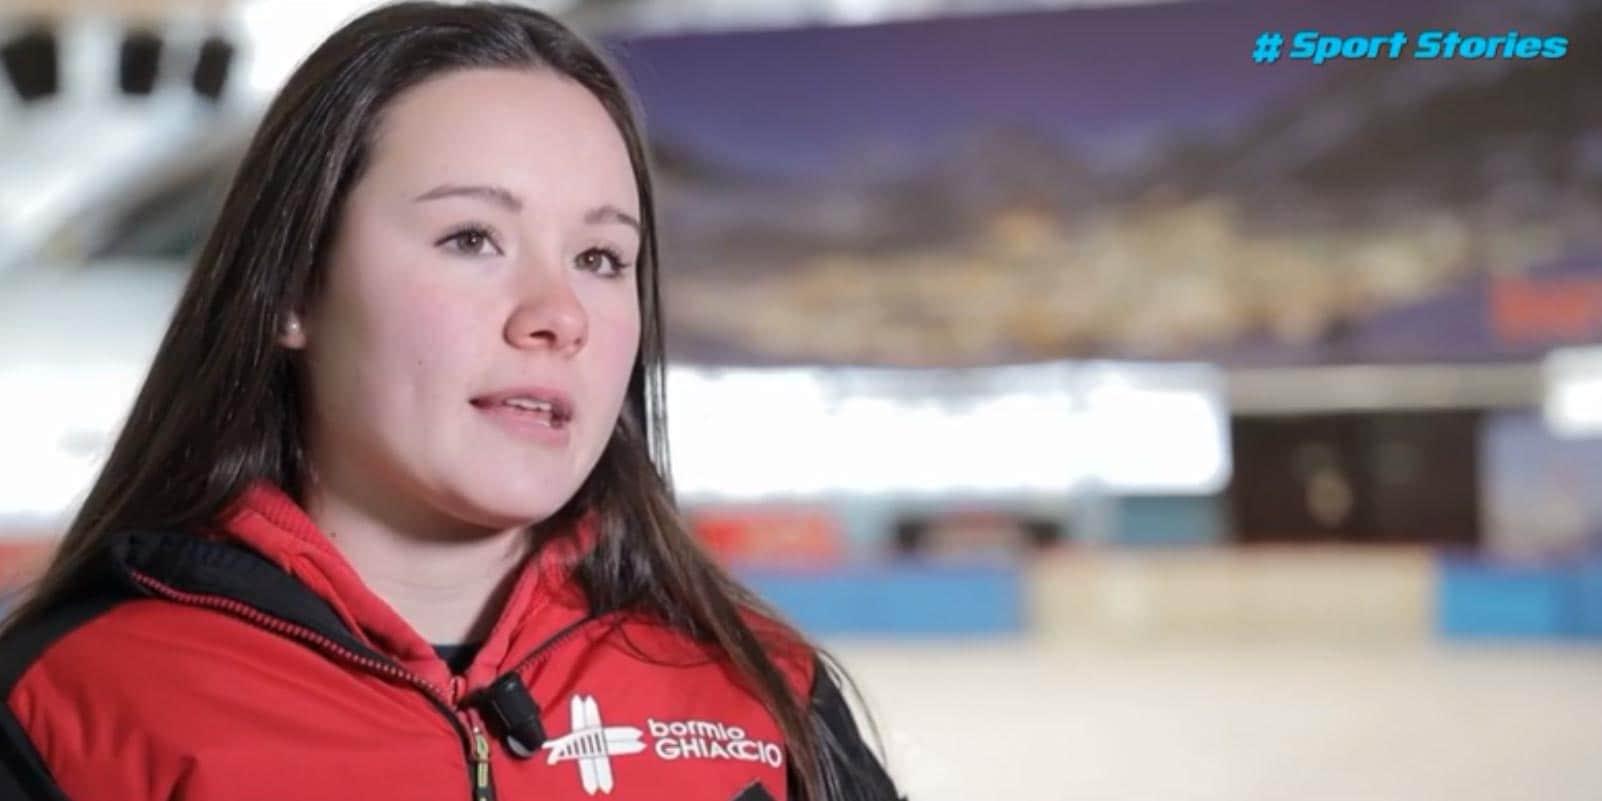 Rai Gulp Sport Stories - S2E9 - Elisa Confortola, campionessa di short track